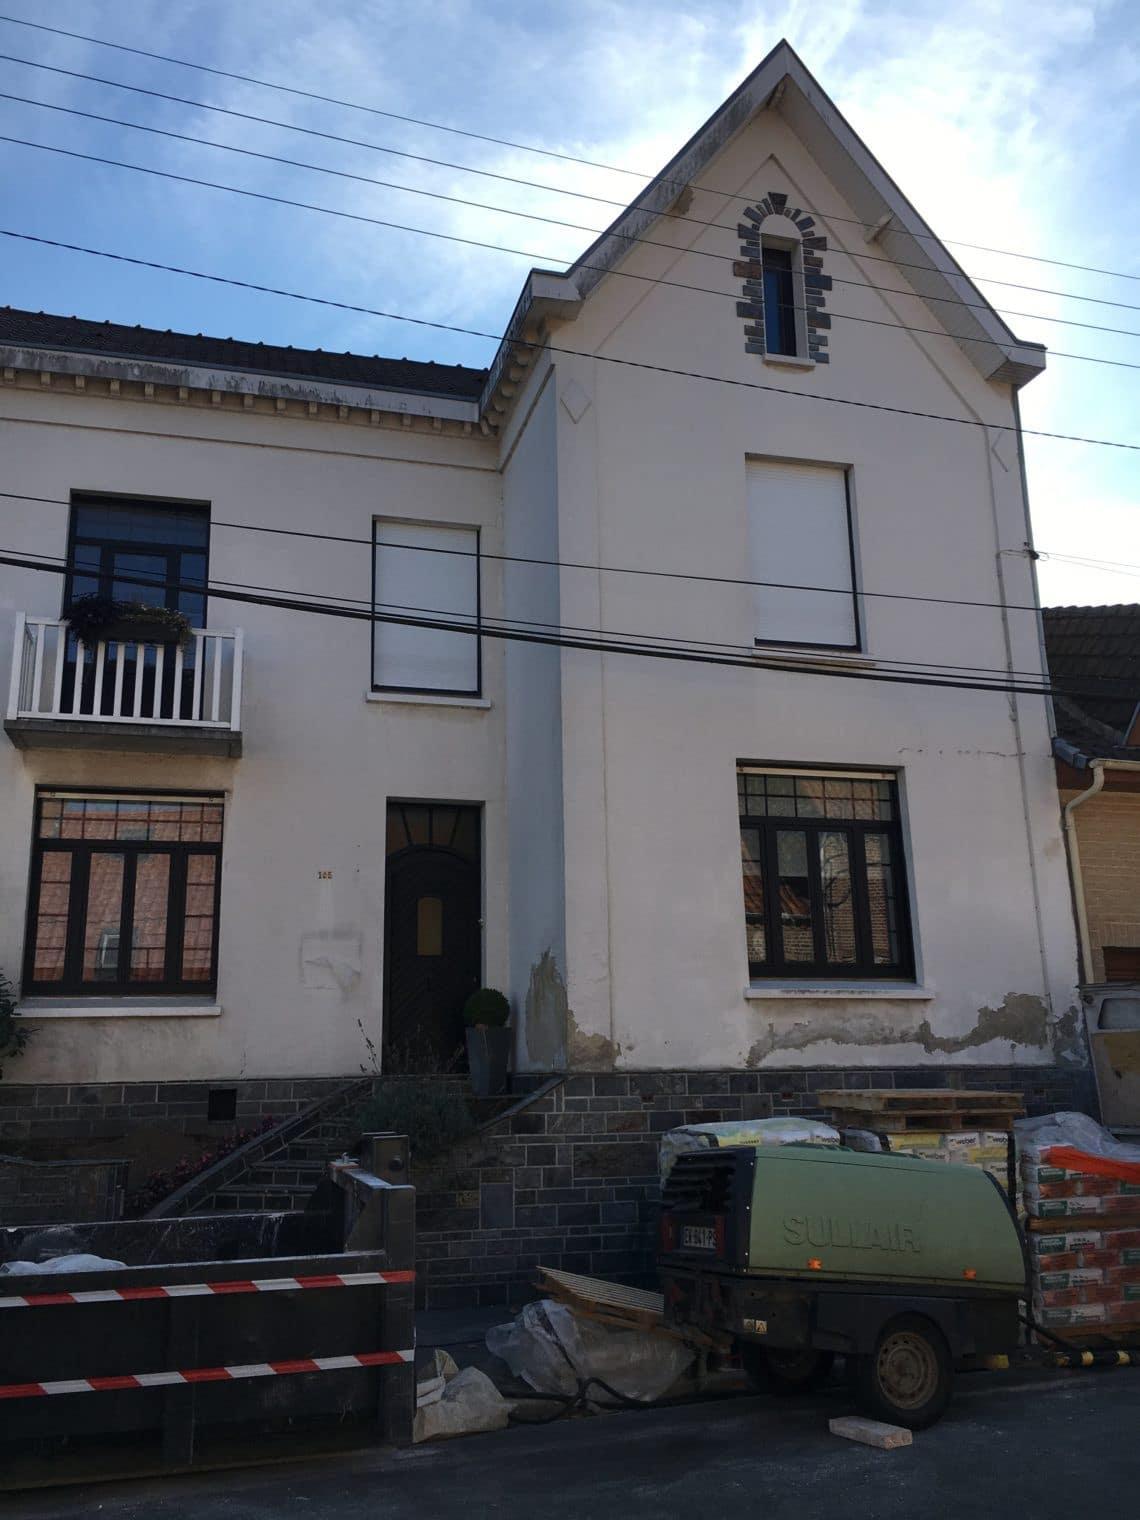 Urbel_renovation_facade_calonne_ricouart-14-1140x1520.jpg